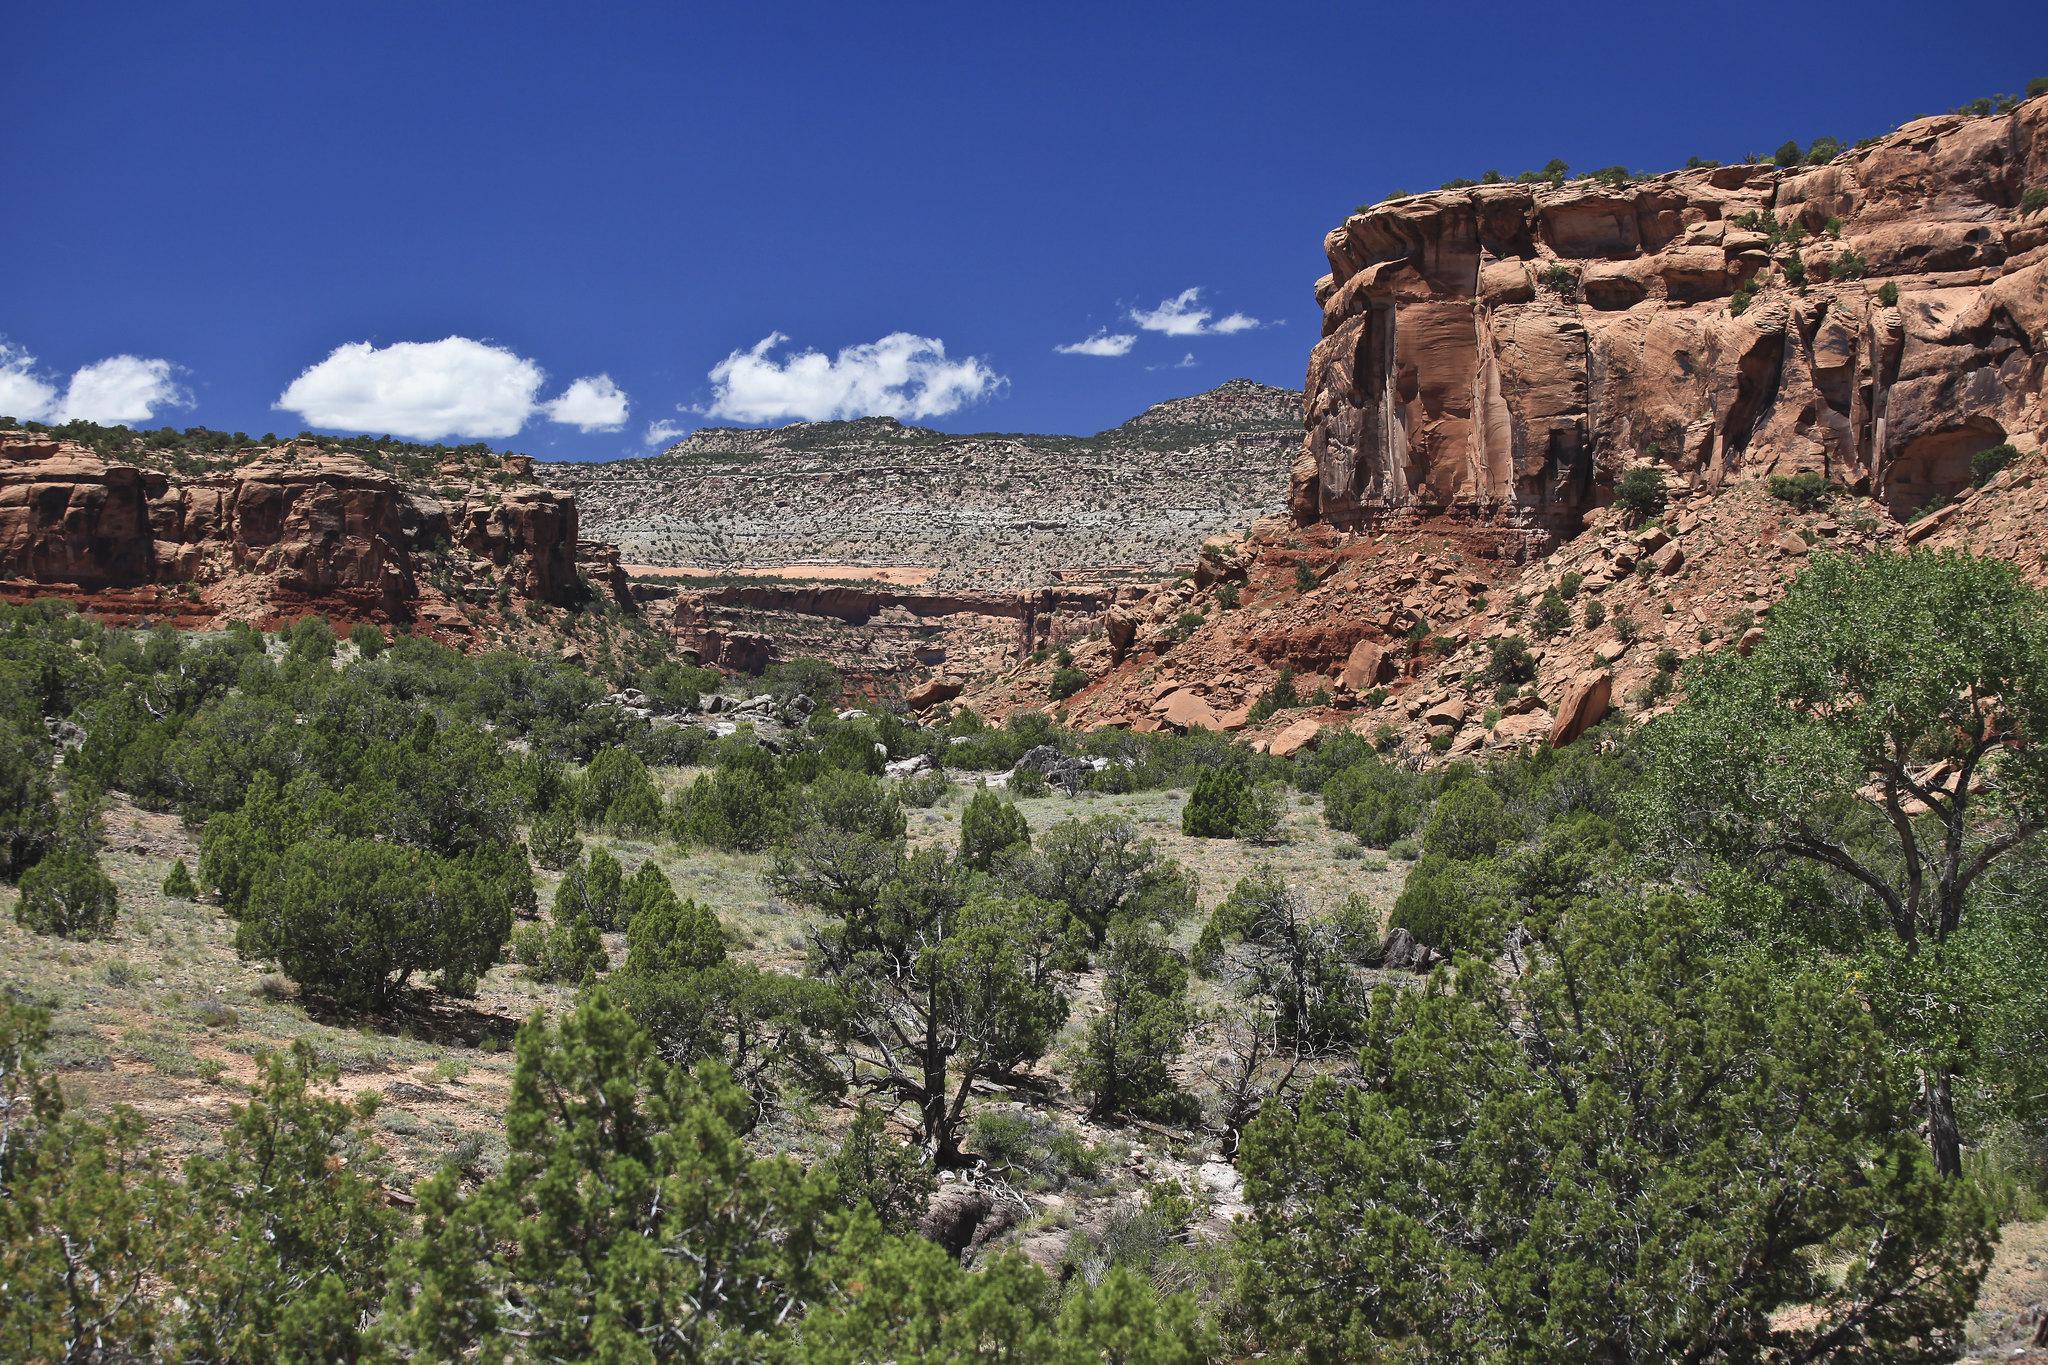 image of dominguez canyons